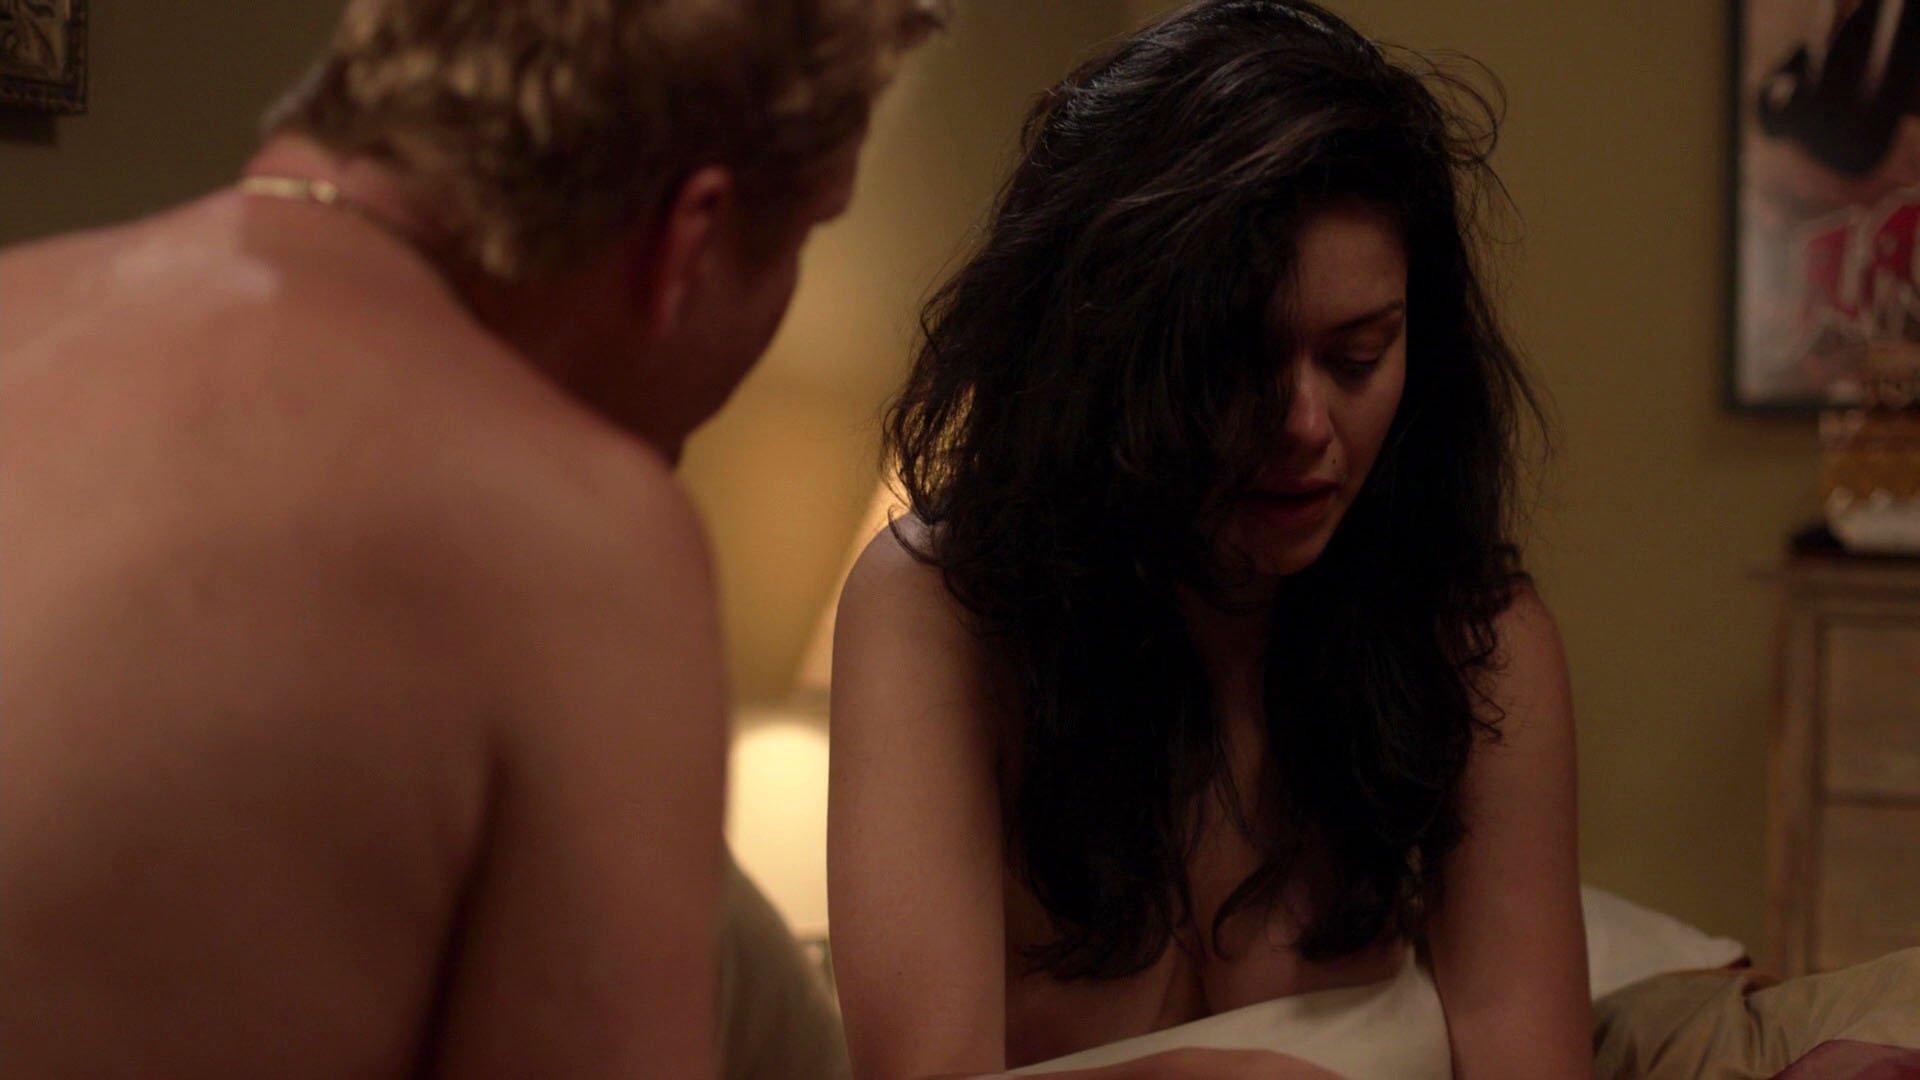 Alyssa diaz nude nipple